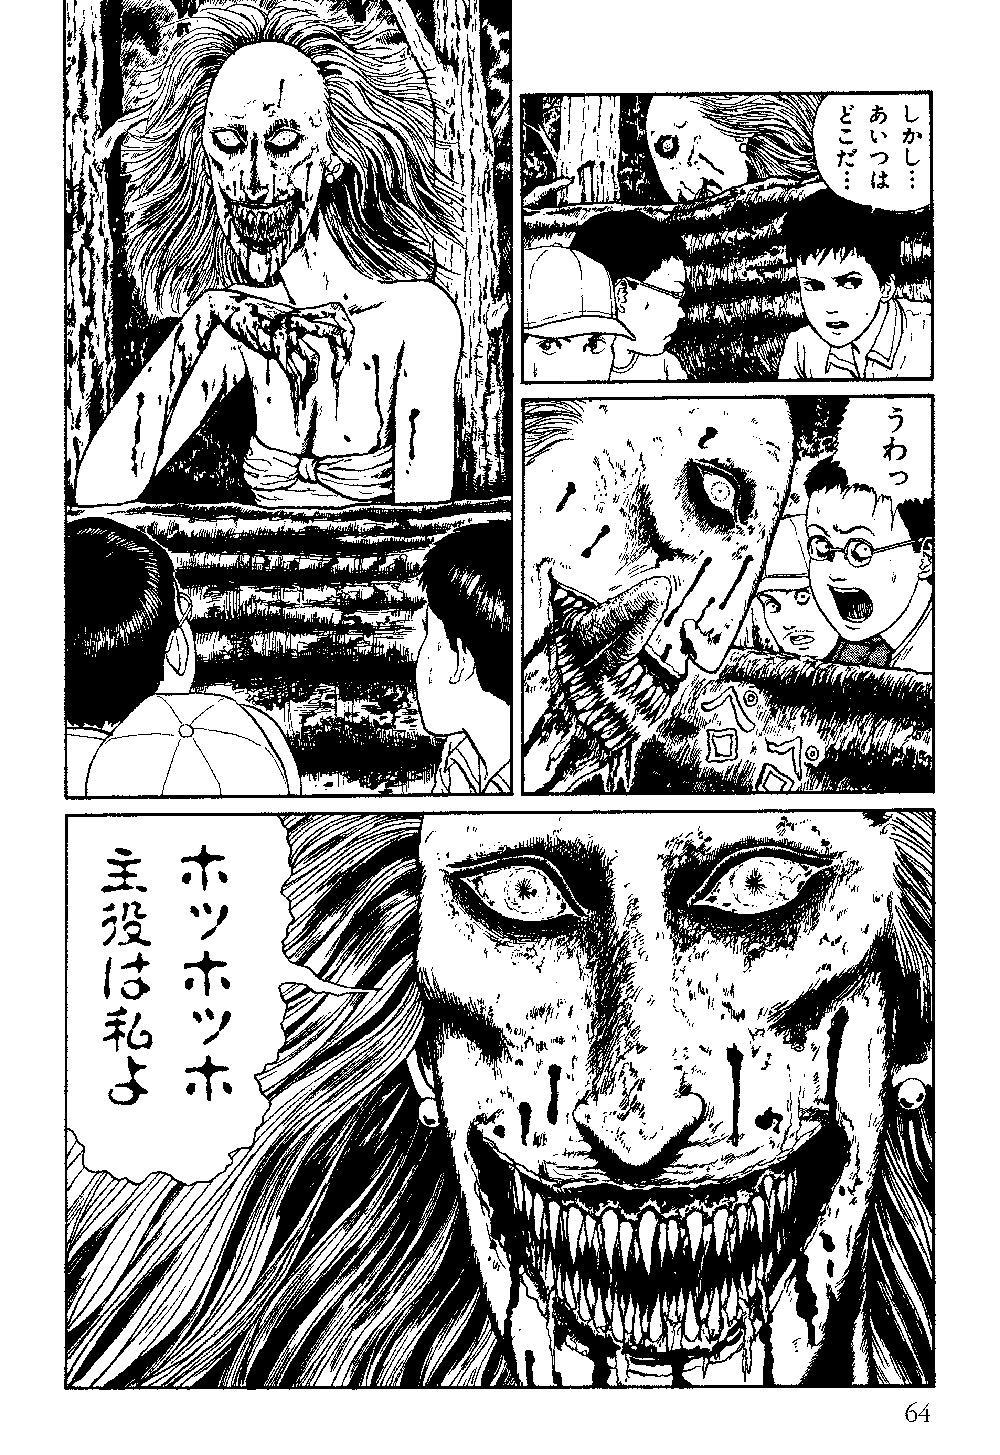 itouj_0006_0066.jpg